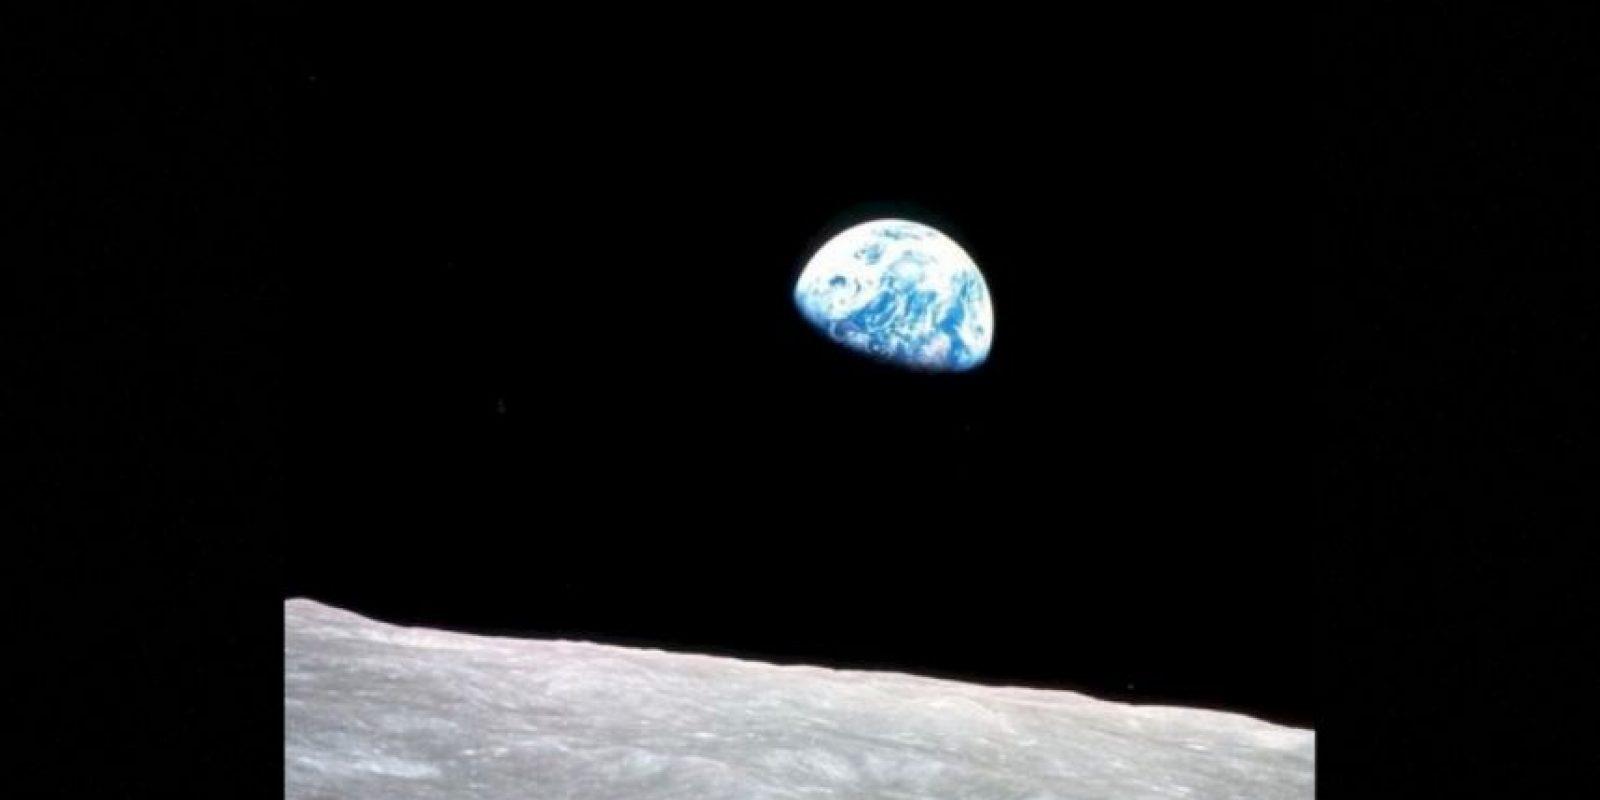 El gobierno de Estados Unidos destinó alrededor de 50 millones de dólares de su presupuesto anual para mejorar la seguridad de la Tierra. Foto:nasa.gov